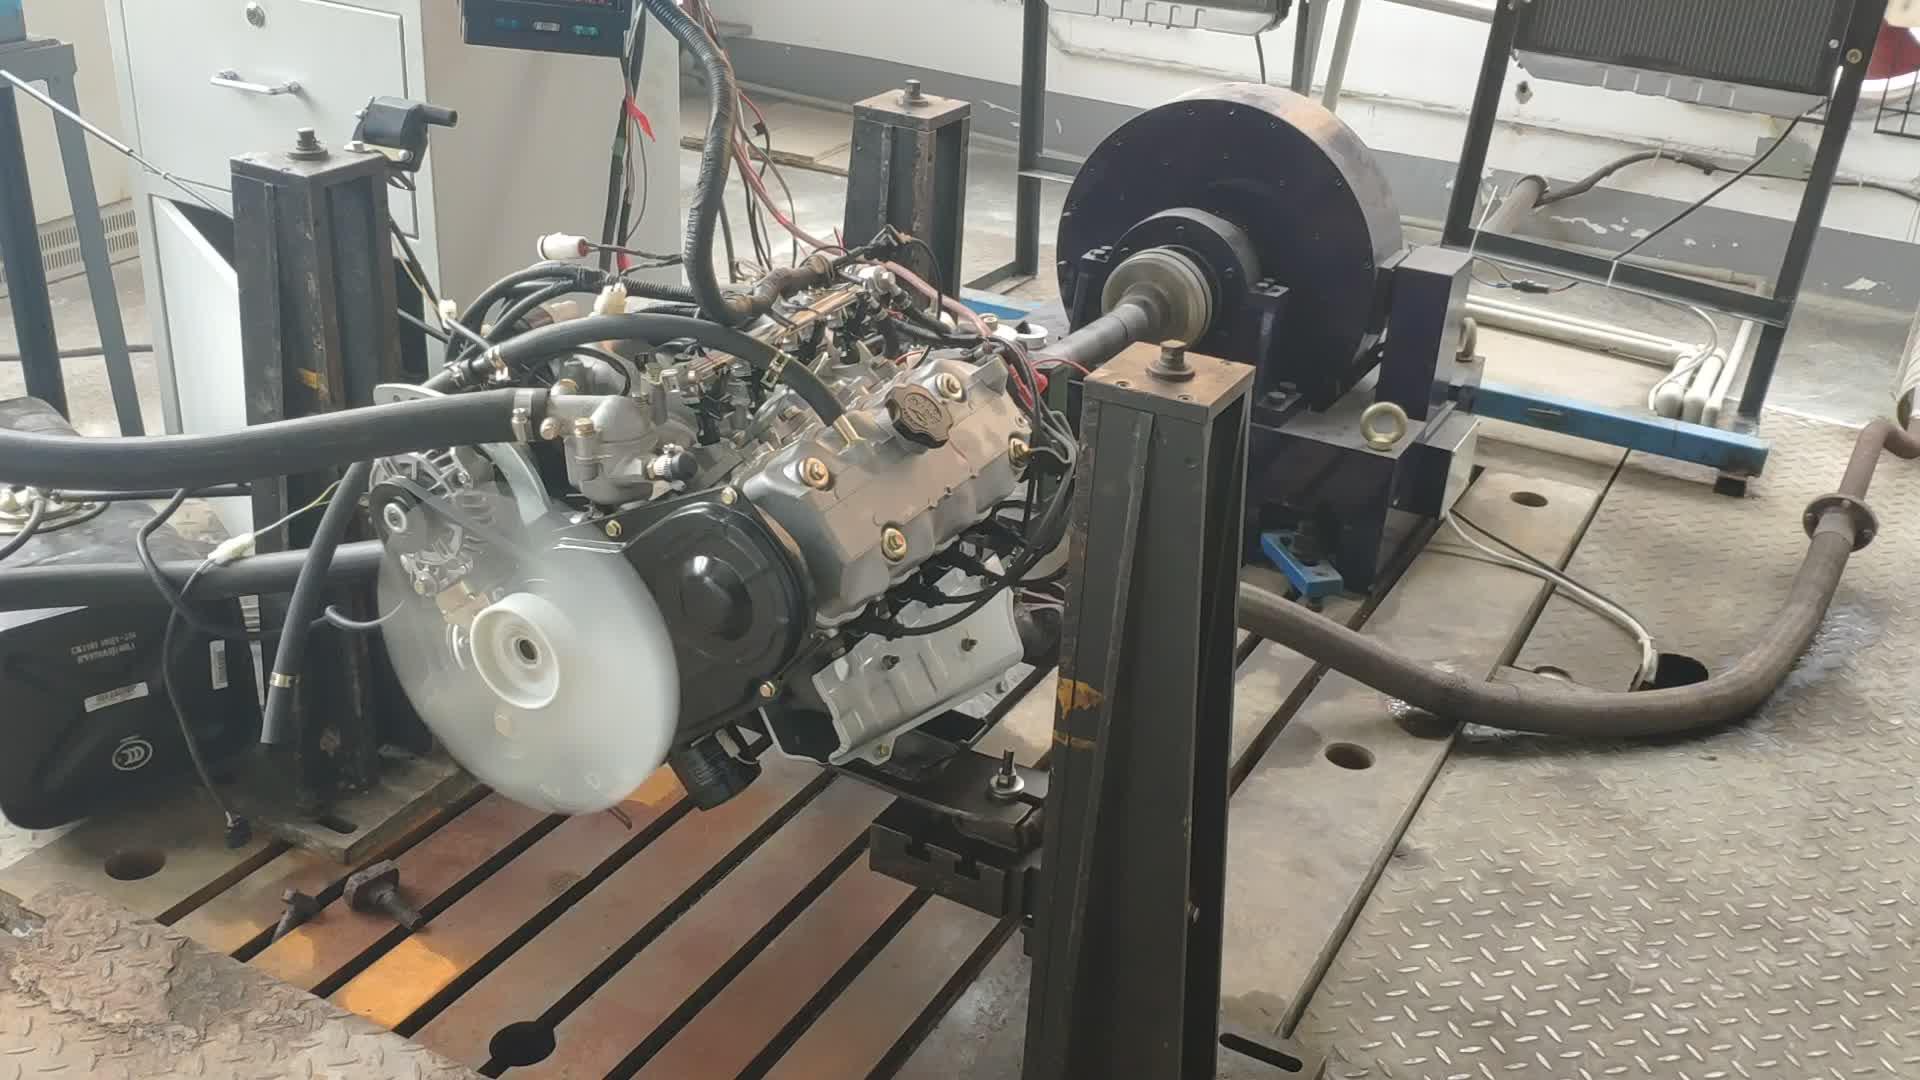 Ziptek auto motor vergadering 4 cilinders 1.0L F10A motor montage voor suzuki/changan/sgmv